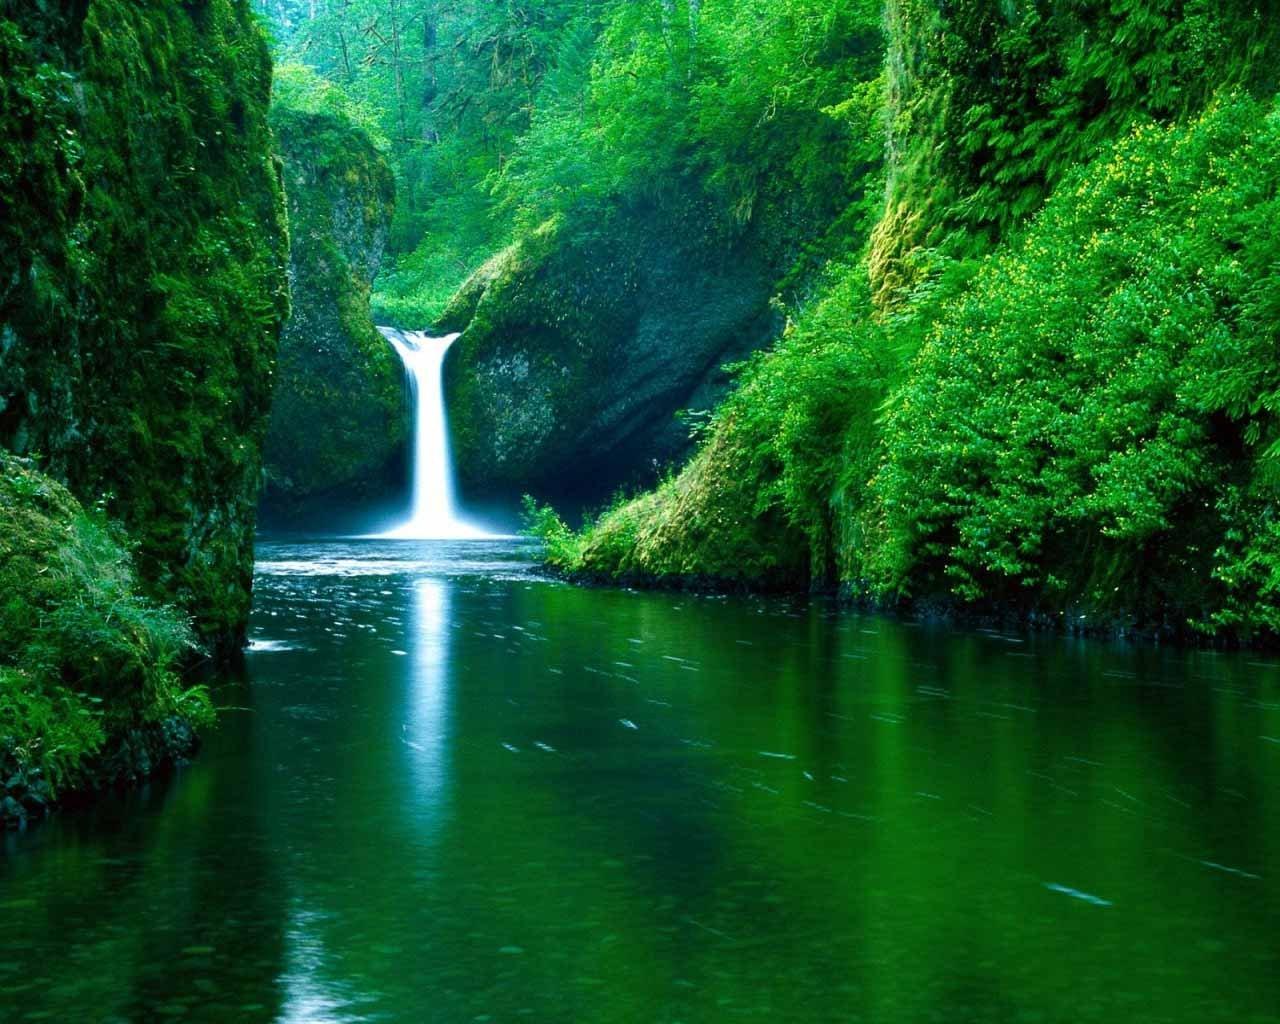 11 Consejos Para Fotografiar Impresionantes Cataratas Con: Fondos Para Escritorio Gratis